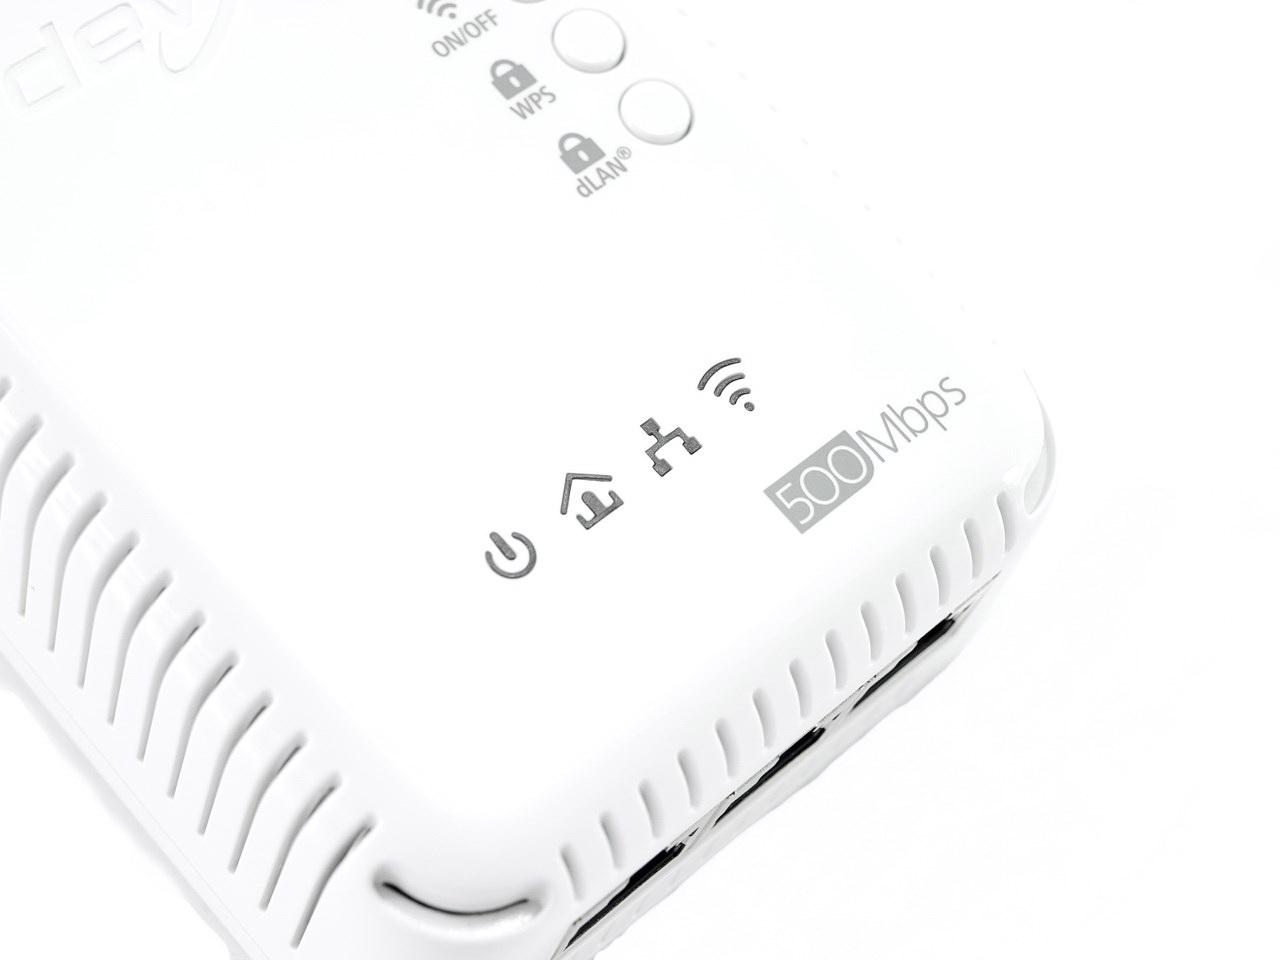 Devolo Dlan 500 Av Wireless Starter Kit Review